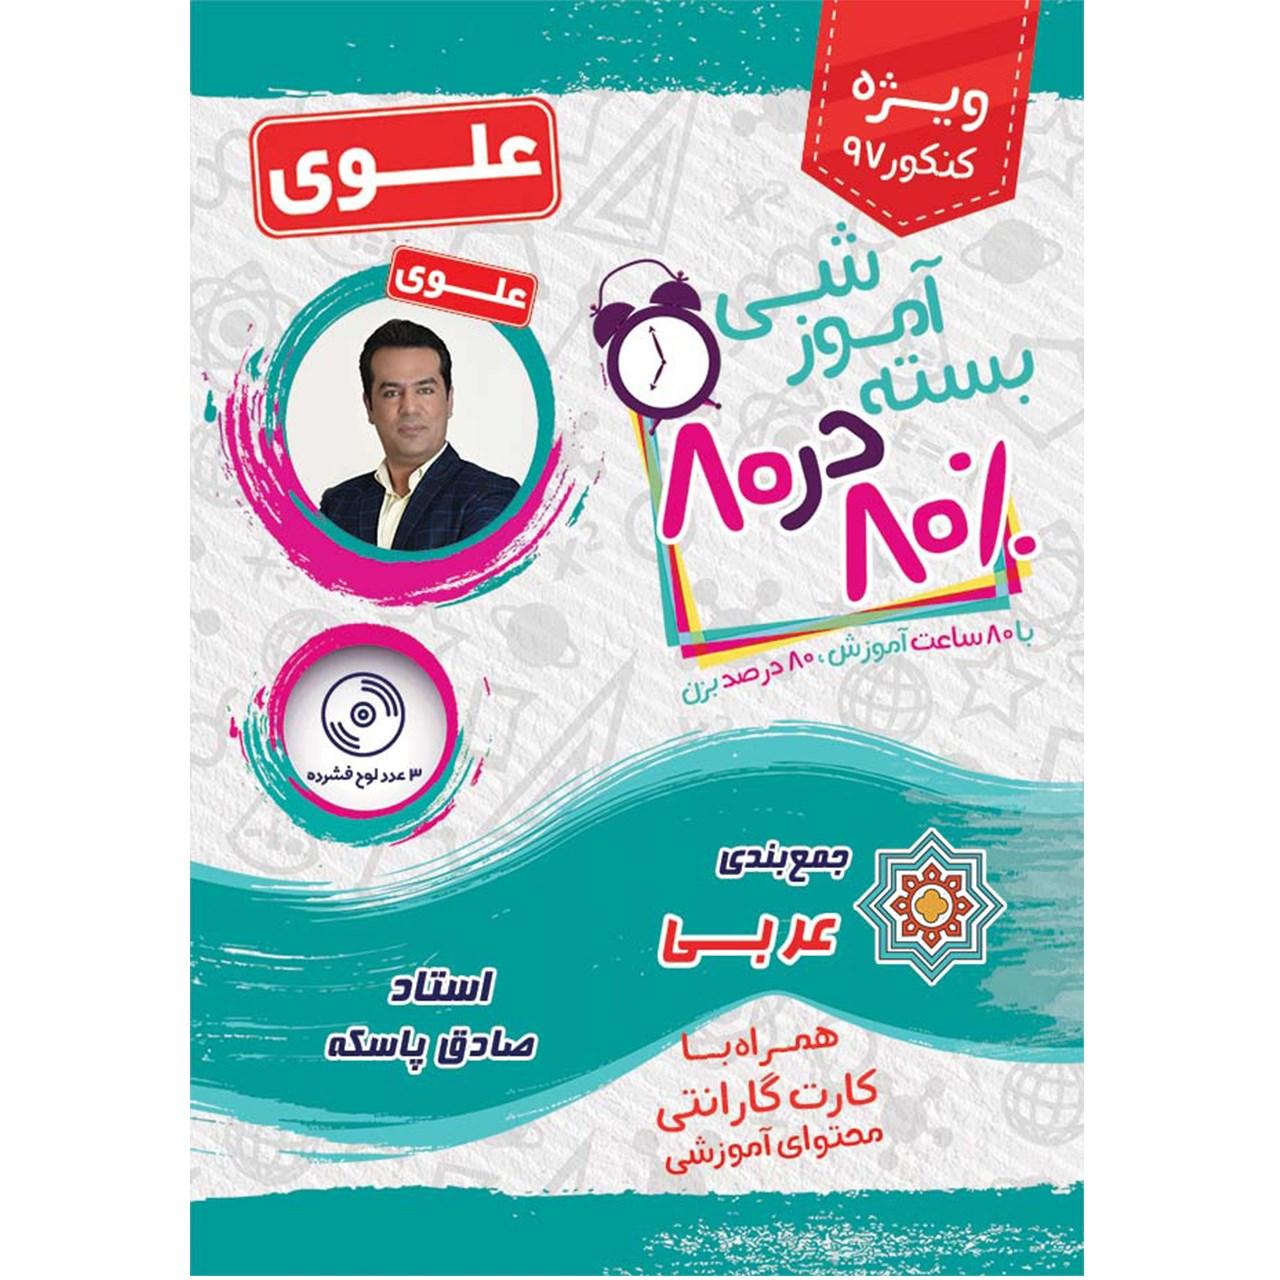 بسته  آموزشی زبان عربی 80 در 80 نشر علوی فرهیخته